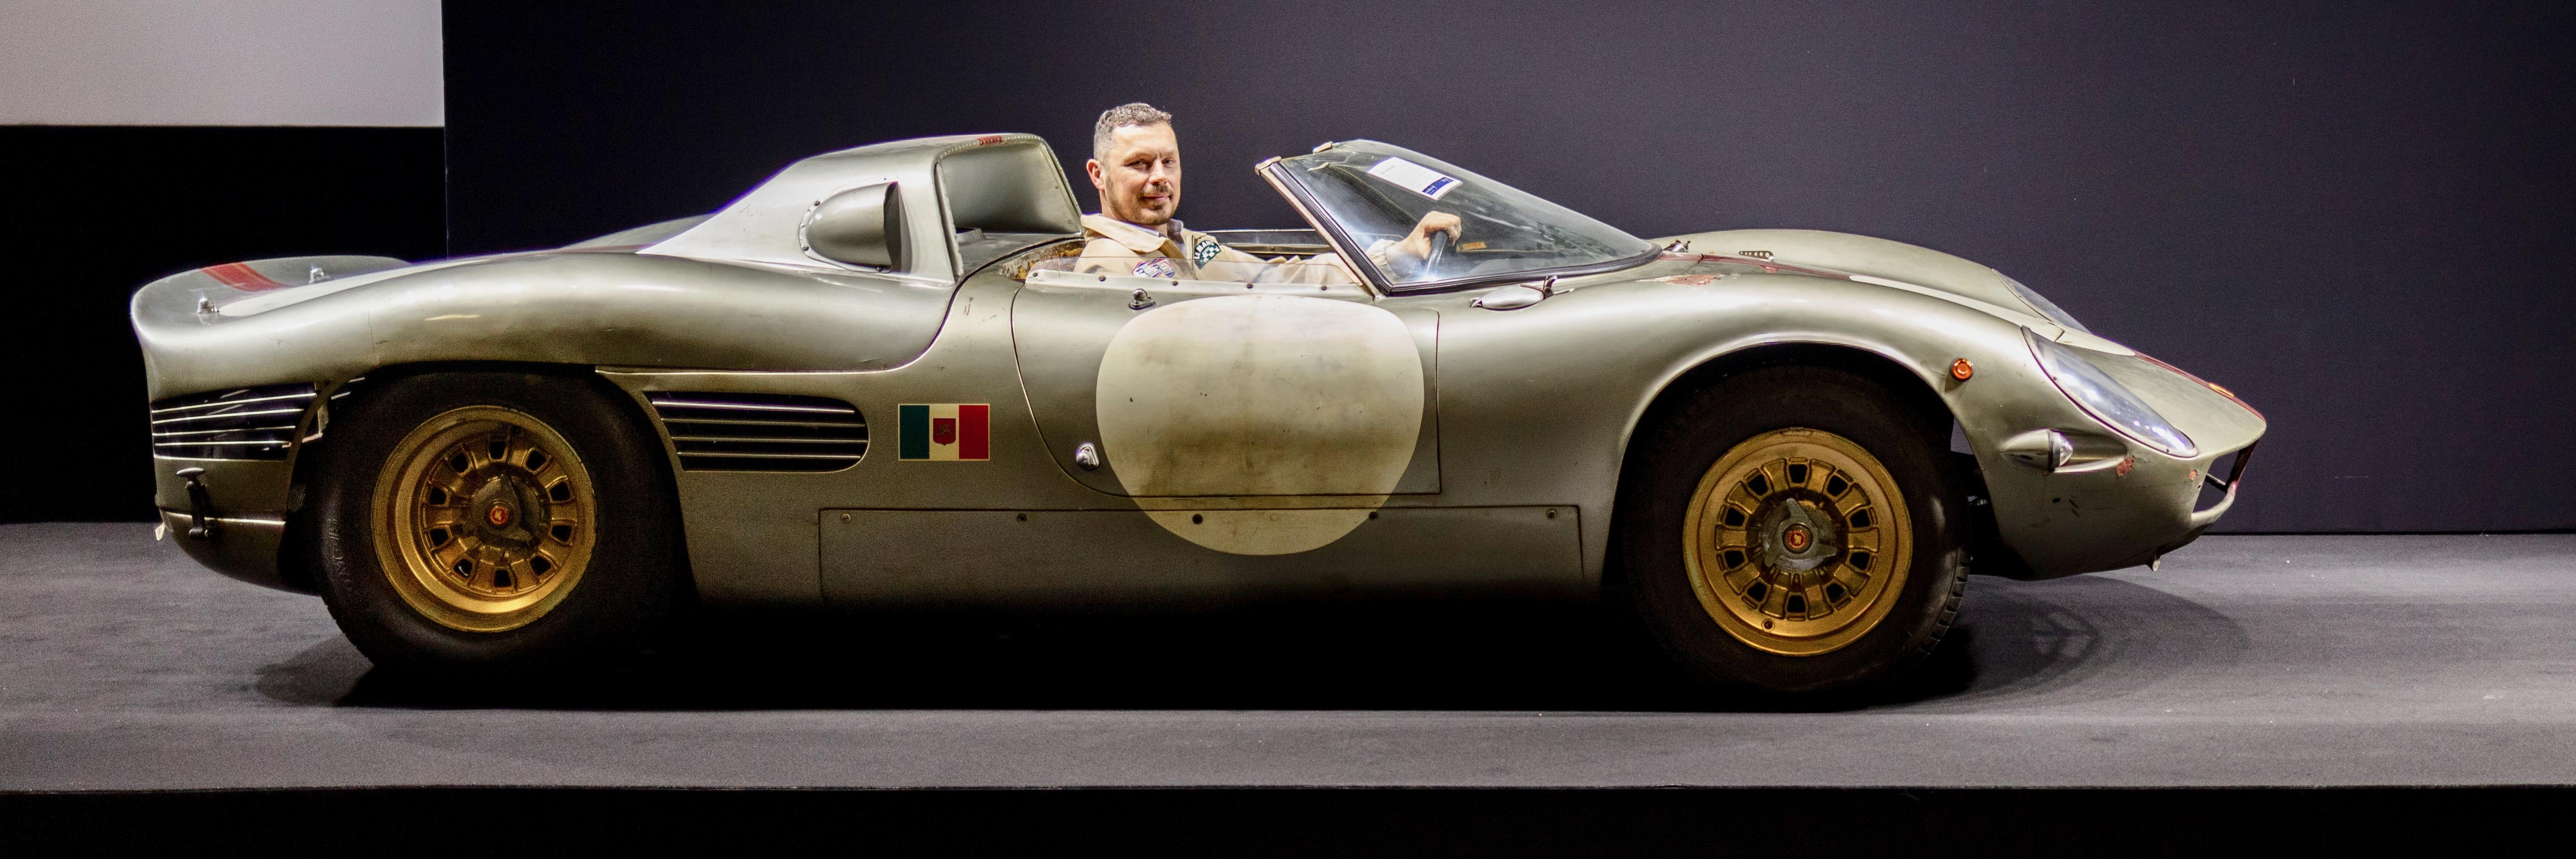 Artcurial, Artcurial hits $47.8 million at Retromobile auction, ClassicCars.com Journal